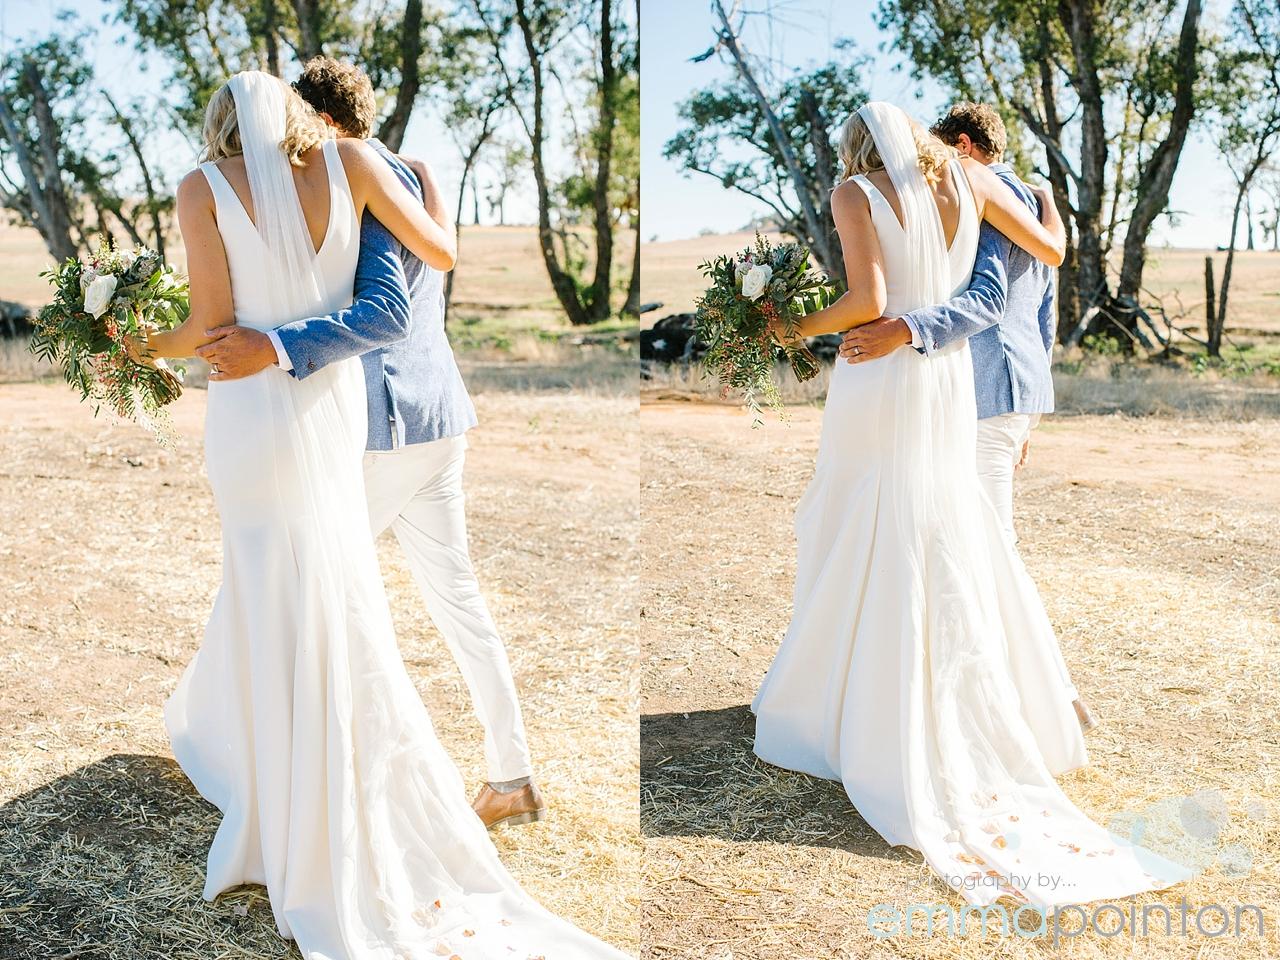 West-Australian-Farm-Wedding-067.jpg